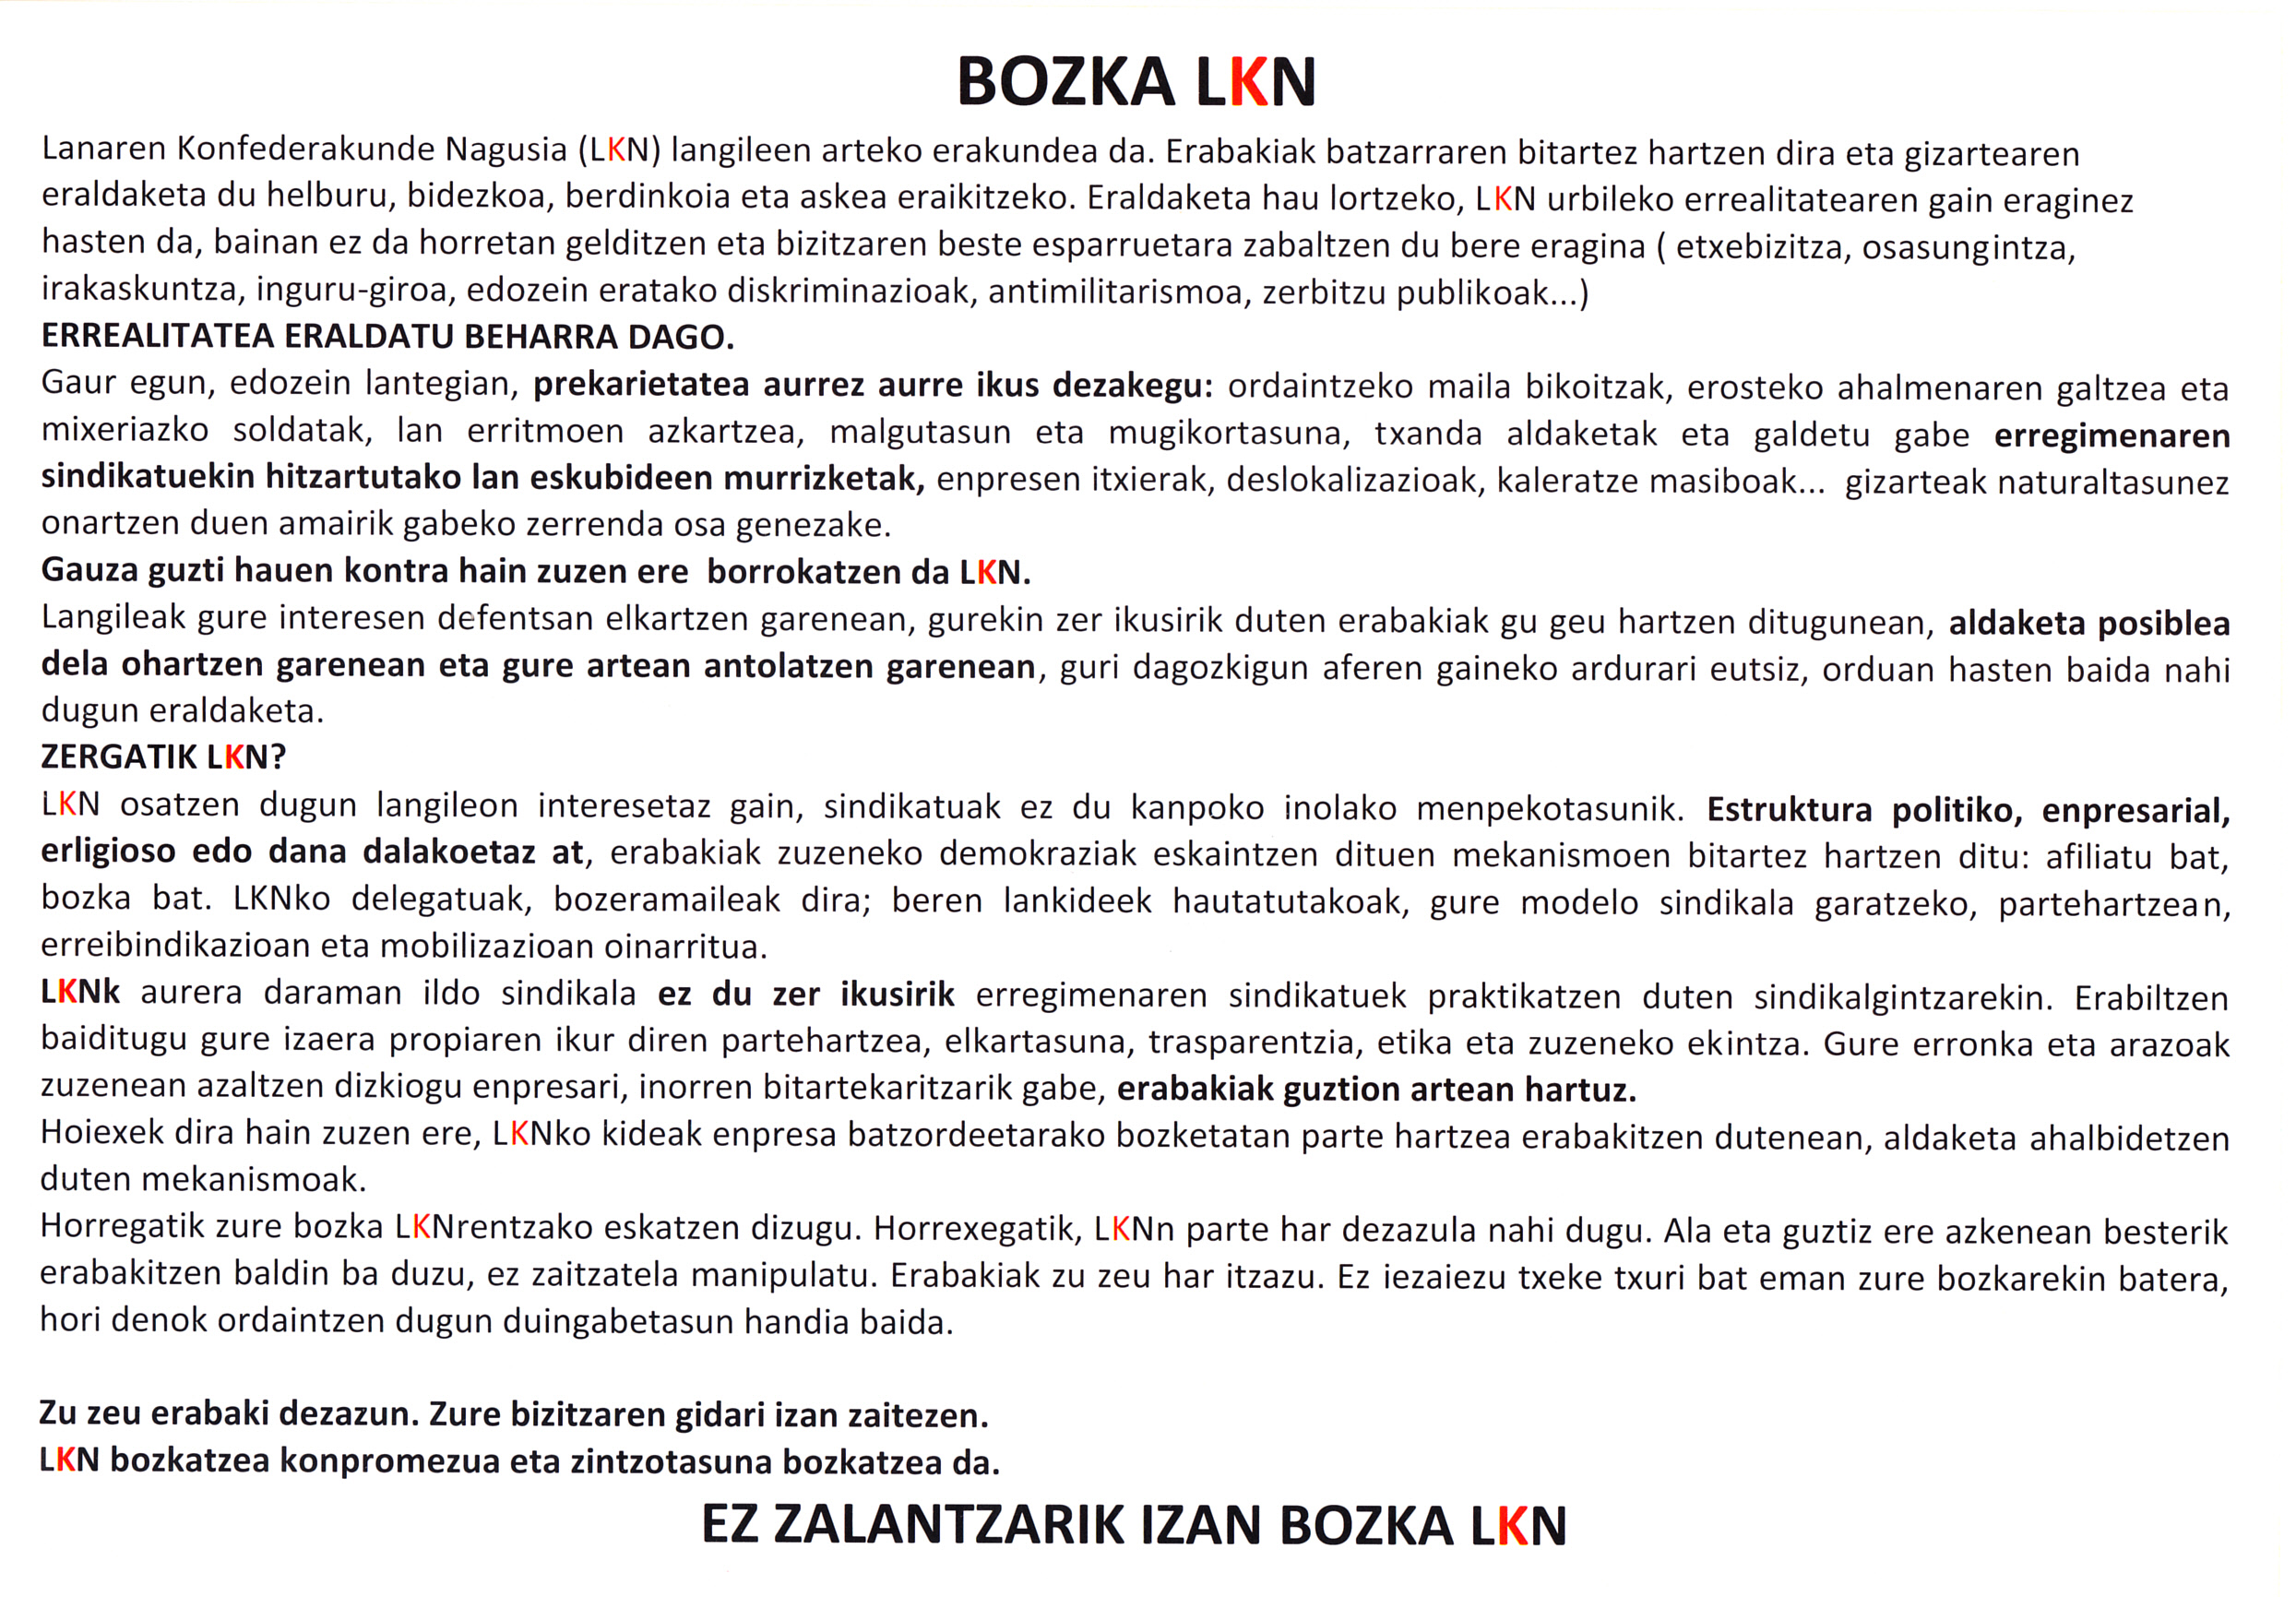 CGT_LKN_es_panfleto_0003a